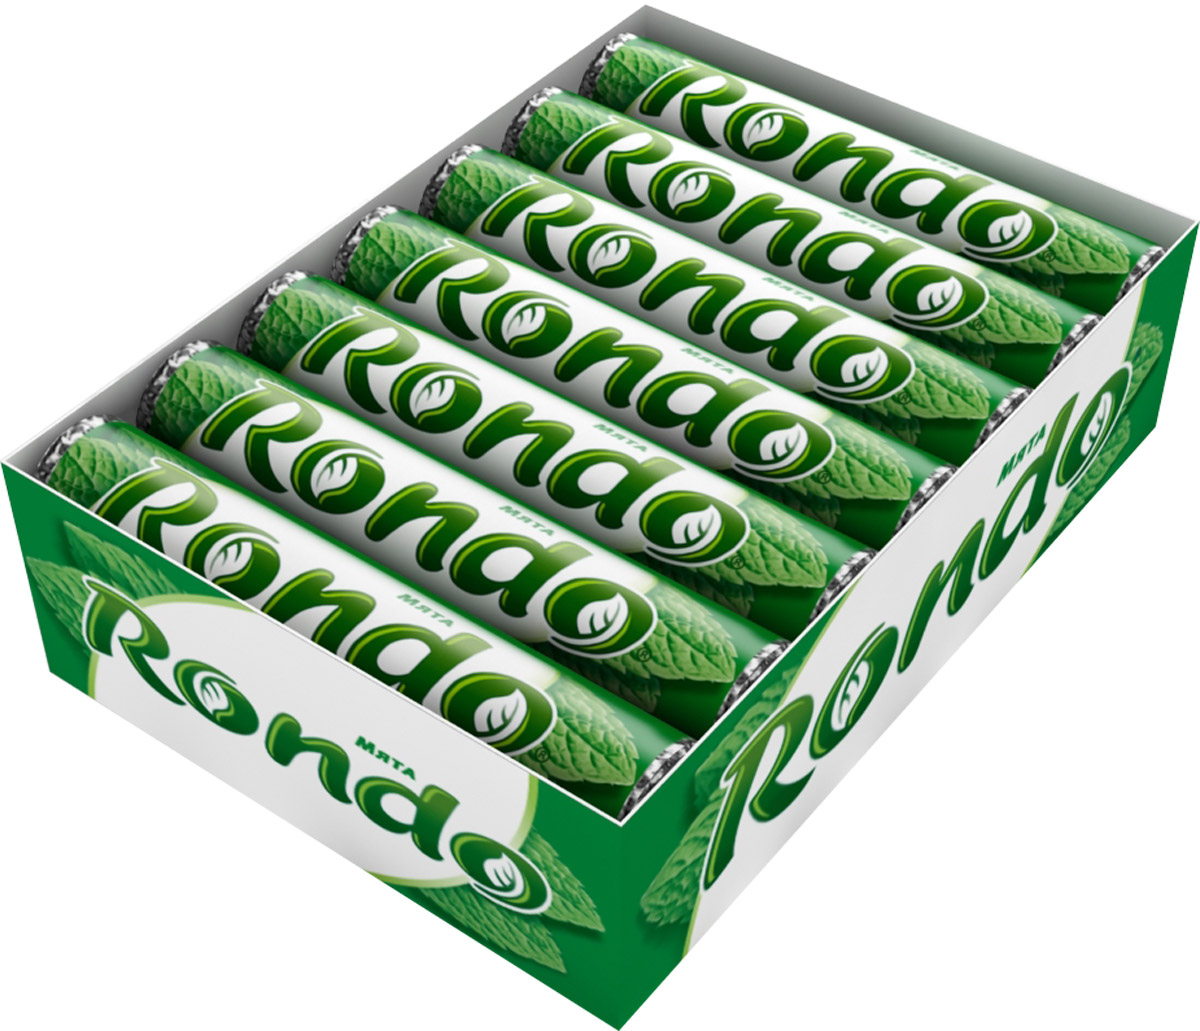 Rondo Мята освежающие конфеты, 14 пачек по 30 г5000159372824Конфеты Rondo с ароматом мяты освежают дыхание и делают день слаще! Уникальный продукт, созданный в 1996 году специально для российских потребителей, по-прежнему остается одним из любимых оружий против несвежего дыхания. Свежее дыхание облегчает понимание!Уважаемые клиенты! Обращаем ваше внимание, что полный перечень состава продукта представлен на дополнительном изображении.